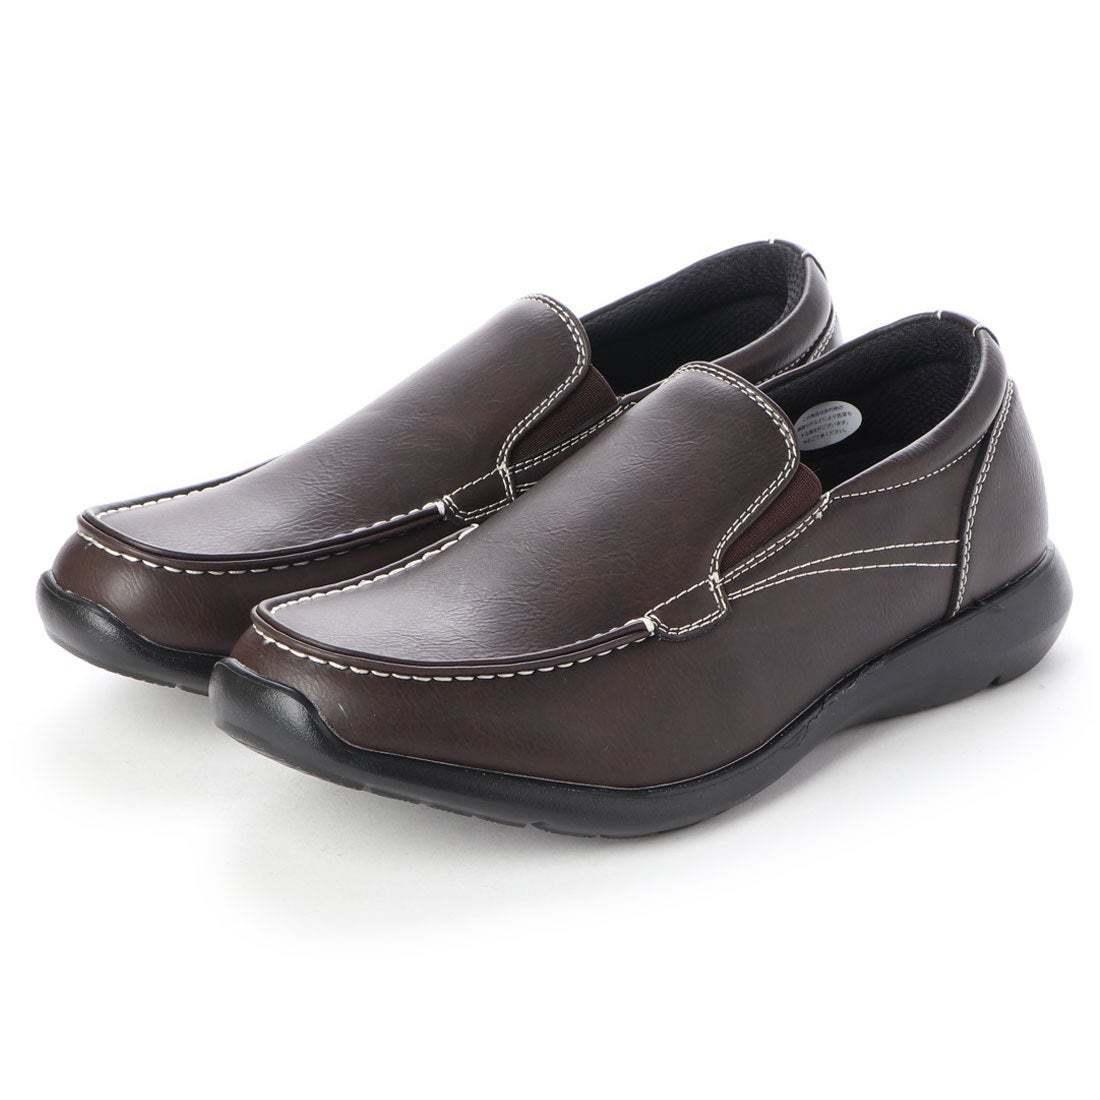 【安い】【超軽量】【防水】【幅広】GRAVITY FREE メンズ ウォーキング ビジネスシューズ 紳士靴 革靴 606 スリッポン ブラウン 茶 26.0cm